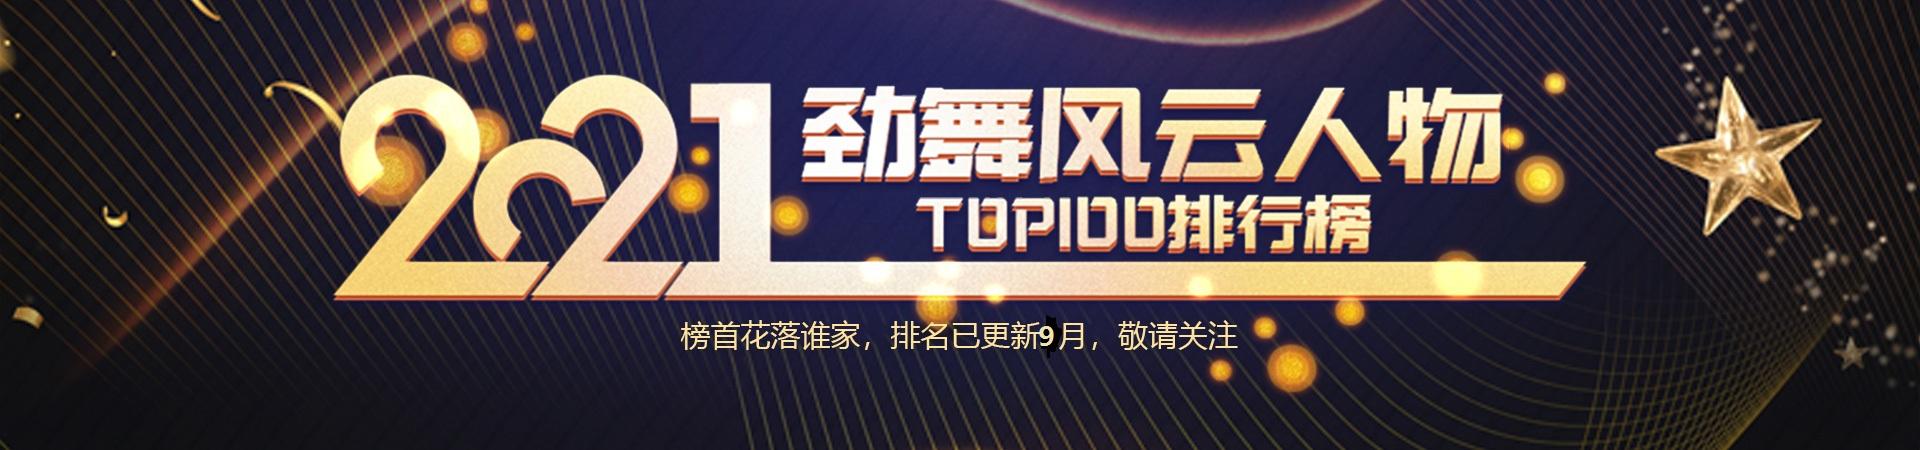 2021劲舞风云人物TOP排行榜月榜公示公告